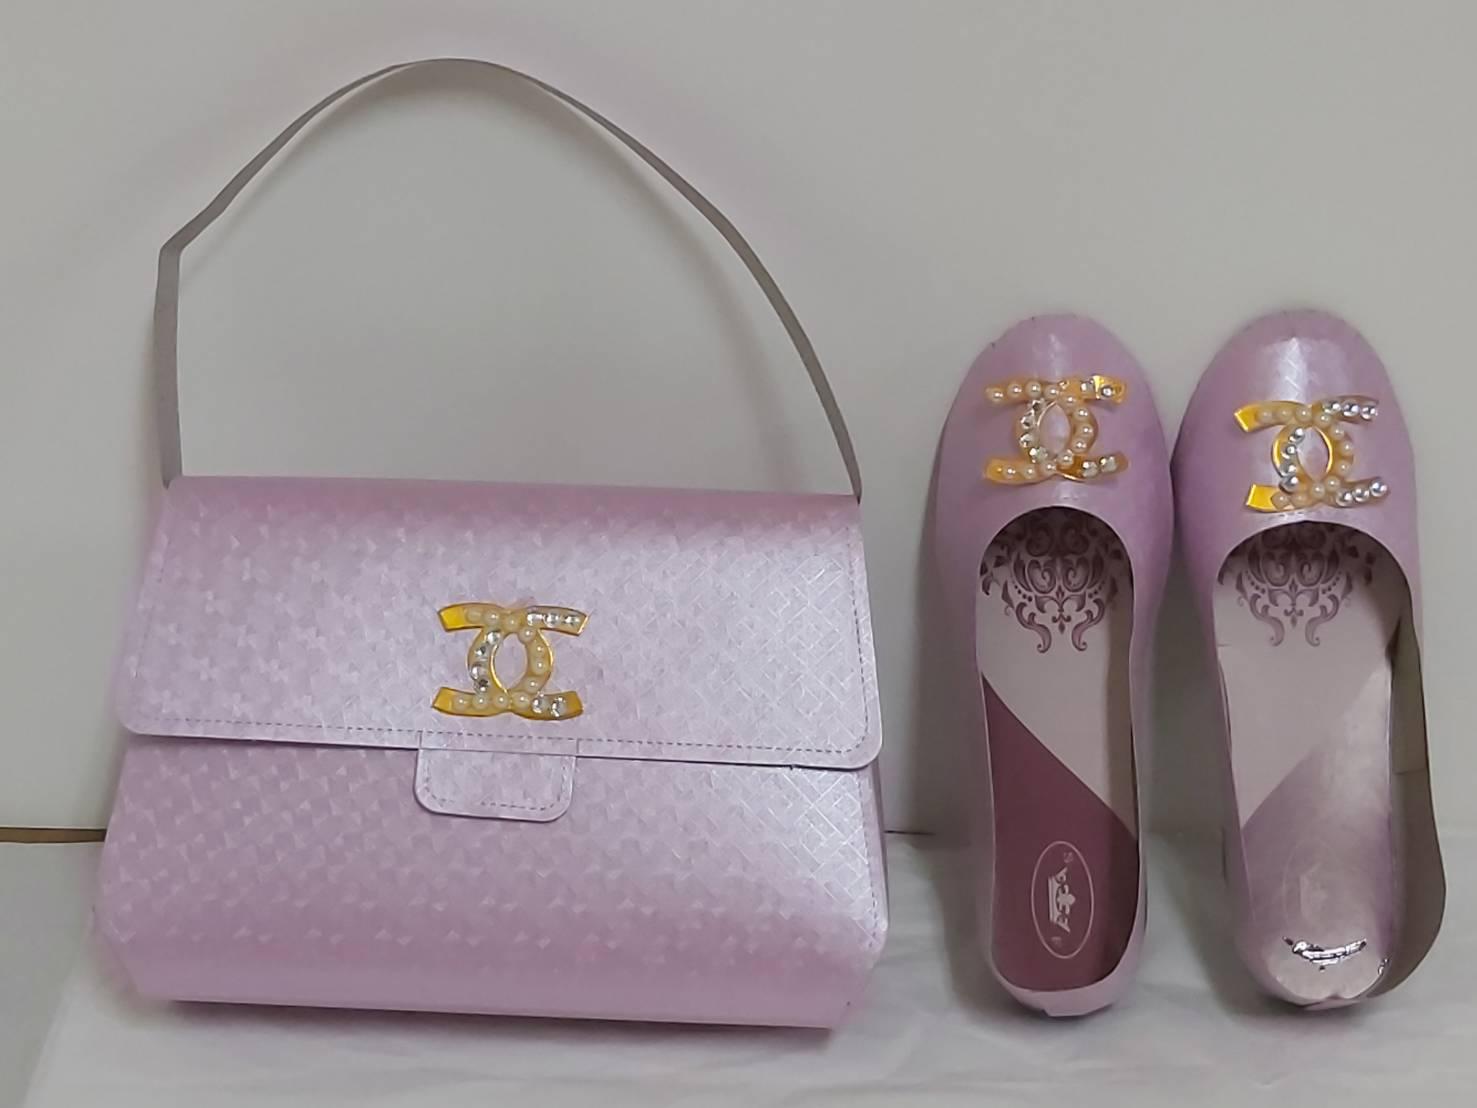 台製-香奈兒包+鞋-粉紅色